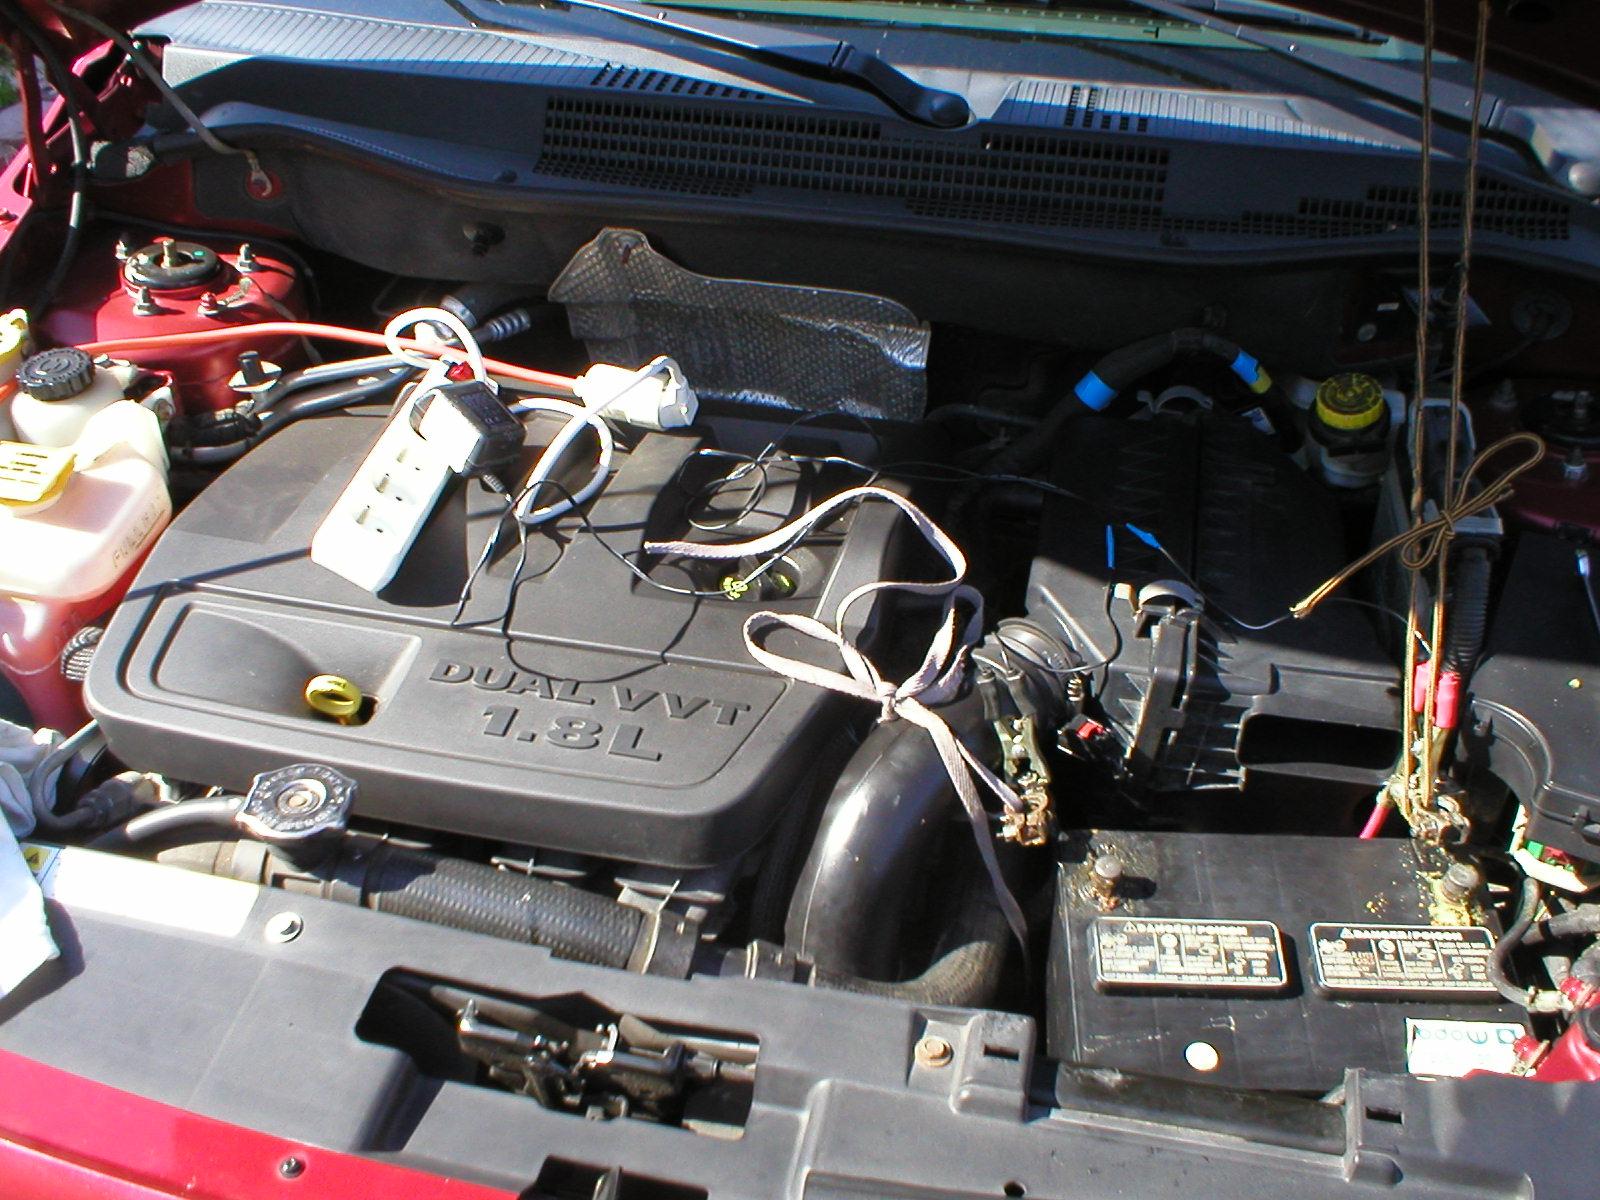 entretien caliber essence - Page 3 867443P1010193